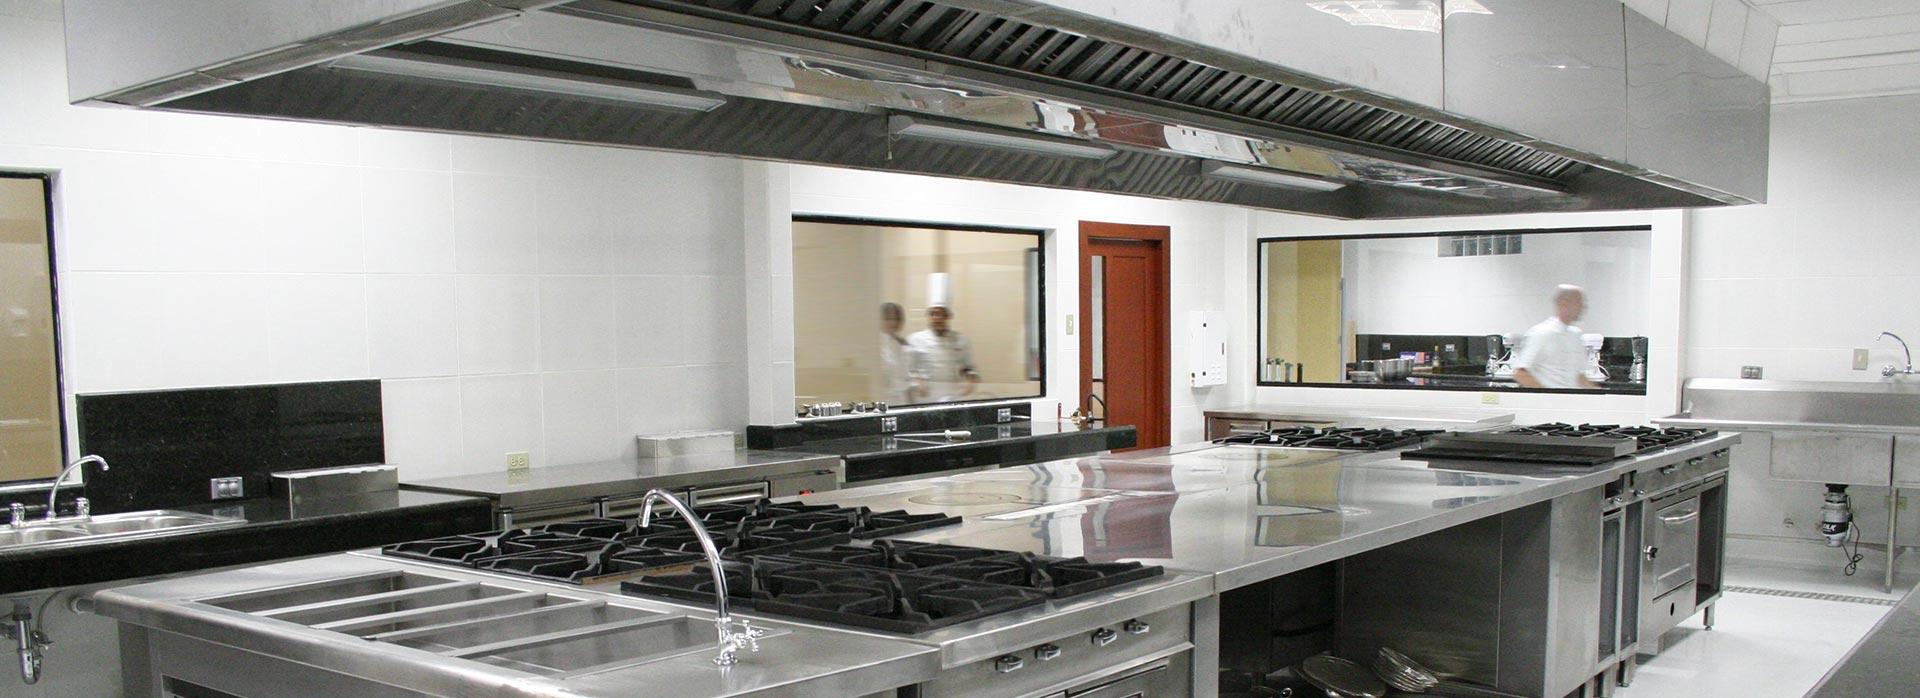 Limpieza y desengrase de extracci n de humos y cocinas for Cocinas industriales siglo